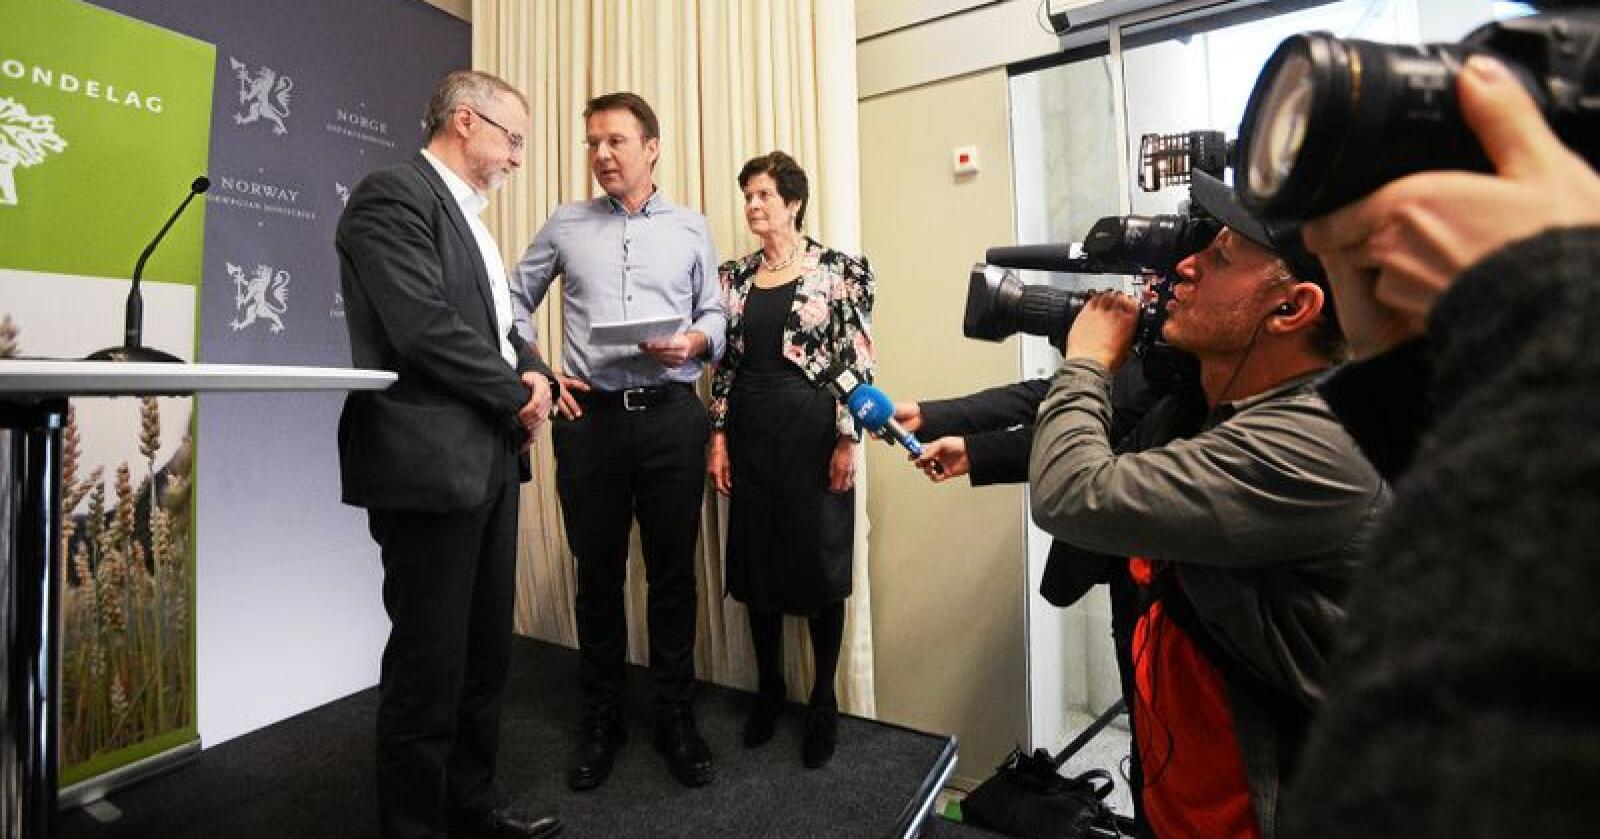 Bondekrav: Lars Petter Bartnes (i midten) og Merete Furuberg (t.h.) overleverte eit krav om 25.300 kroner i inntektsvekst for bønder til statens forhandlingsleiar Leif Forsell. Foto: Siri Juell Rasmussen